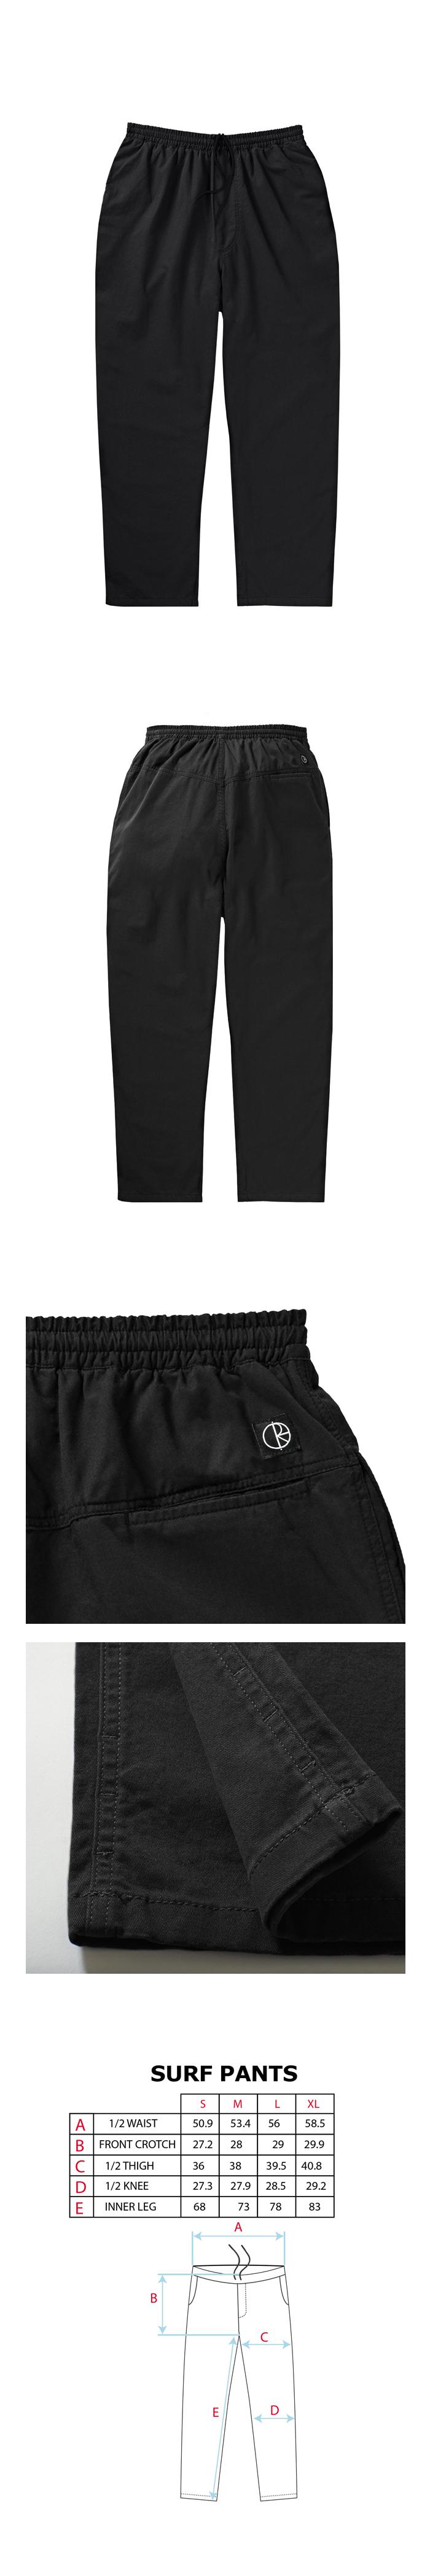 폴라(POLAR) Surf Pants - Black